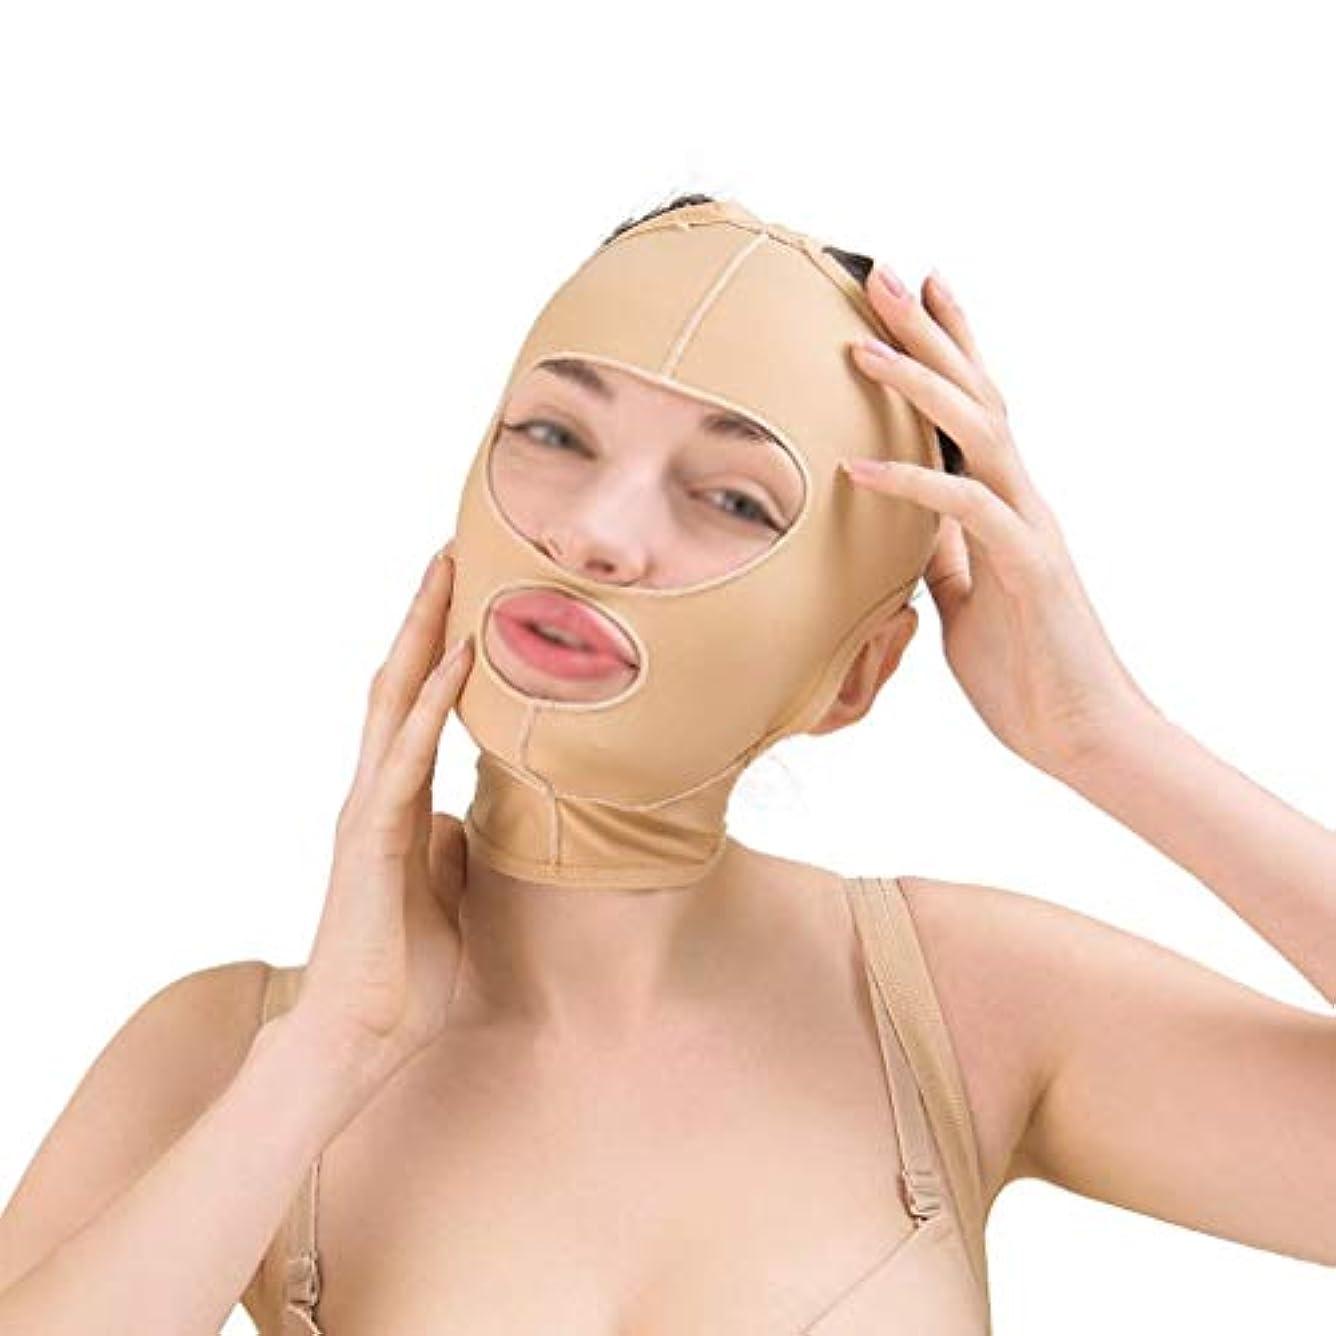 美容フェイスリフト減量ベルト、ほおスリムフィット、通気性フェイスリフト、引き締め、リフティング包帯、フェイシャルスキン包帯(サイズ:M),L